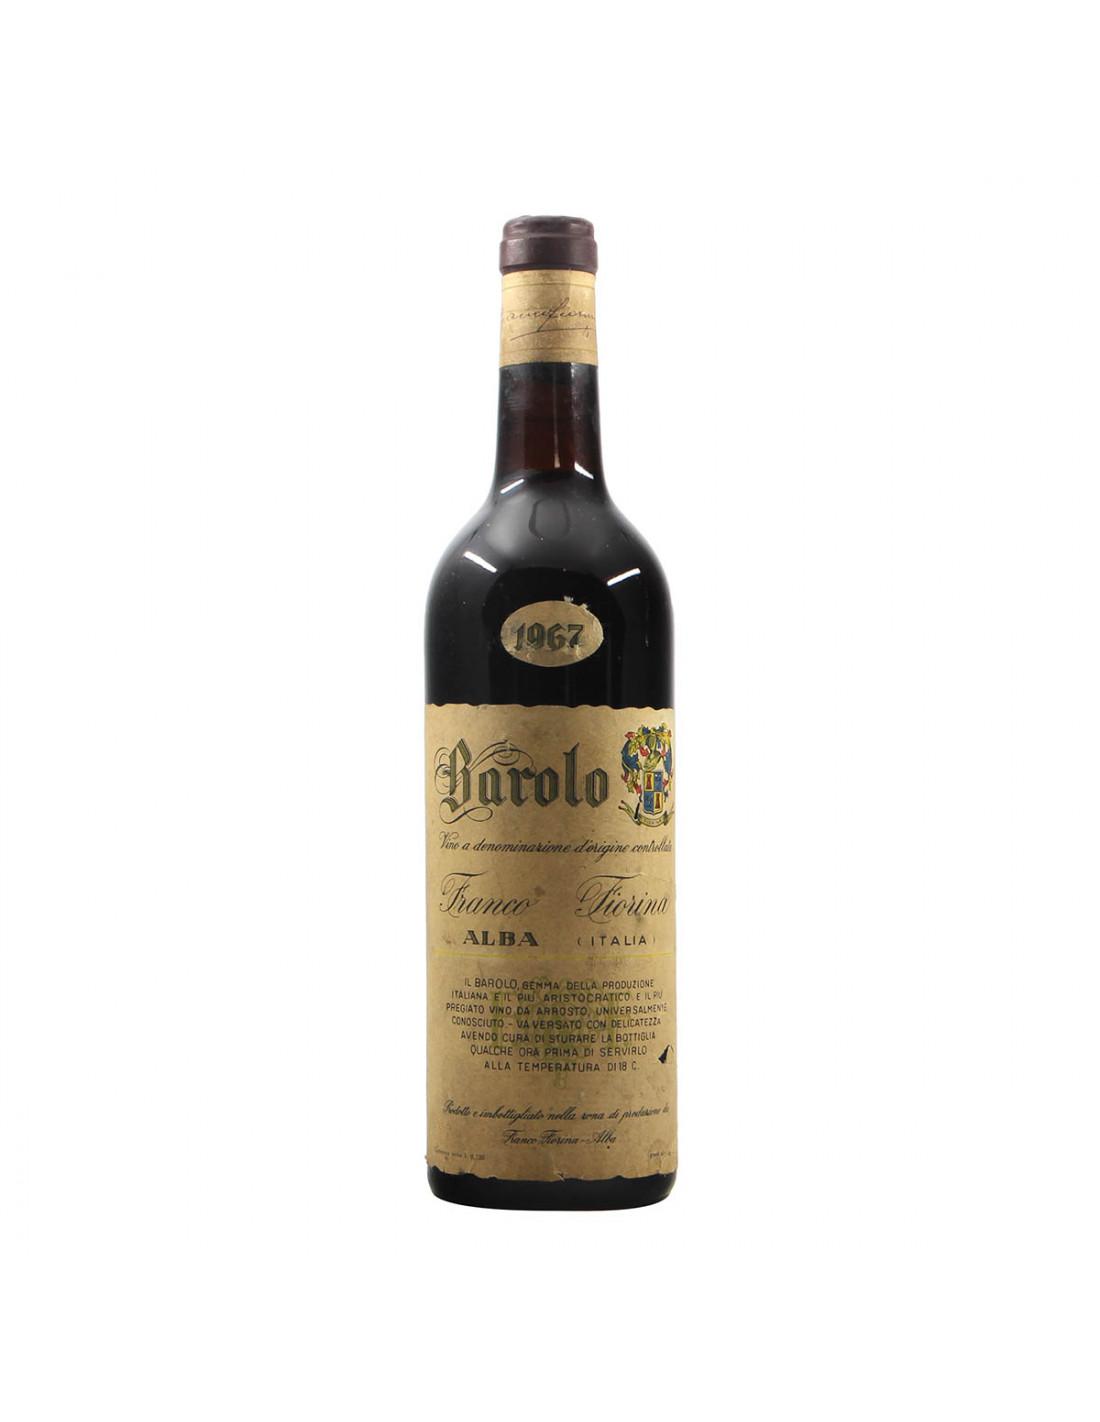 Fiorina Franco Barolo 1967 Grandi Bottiglie